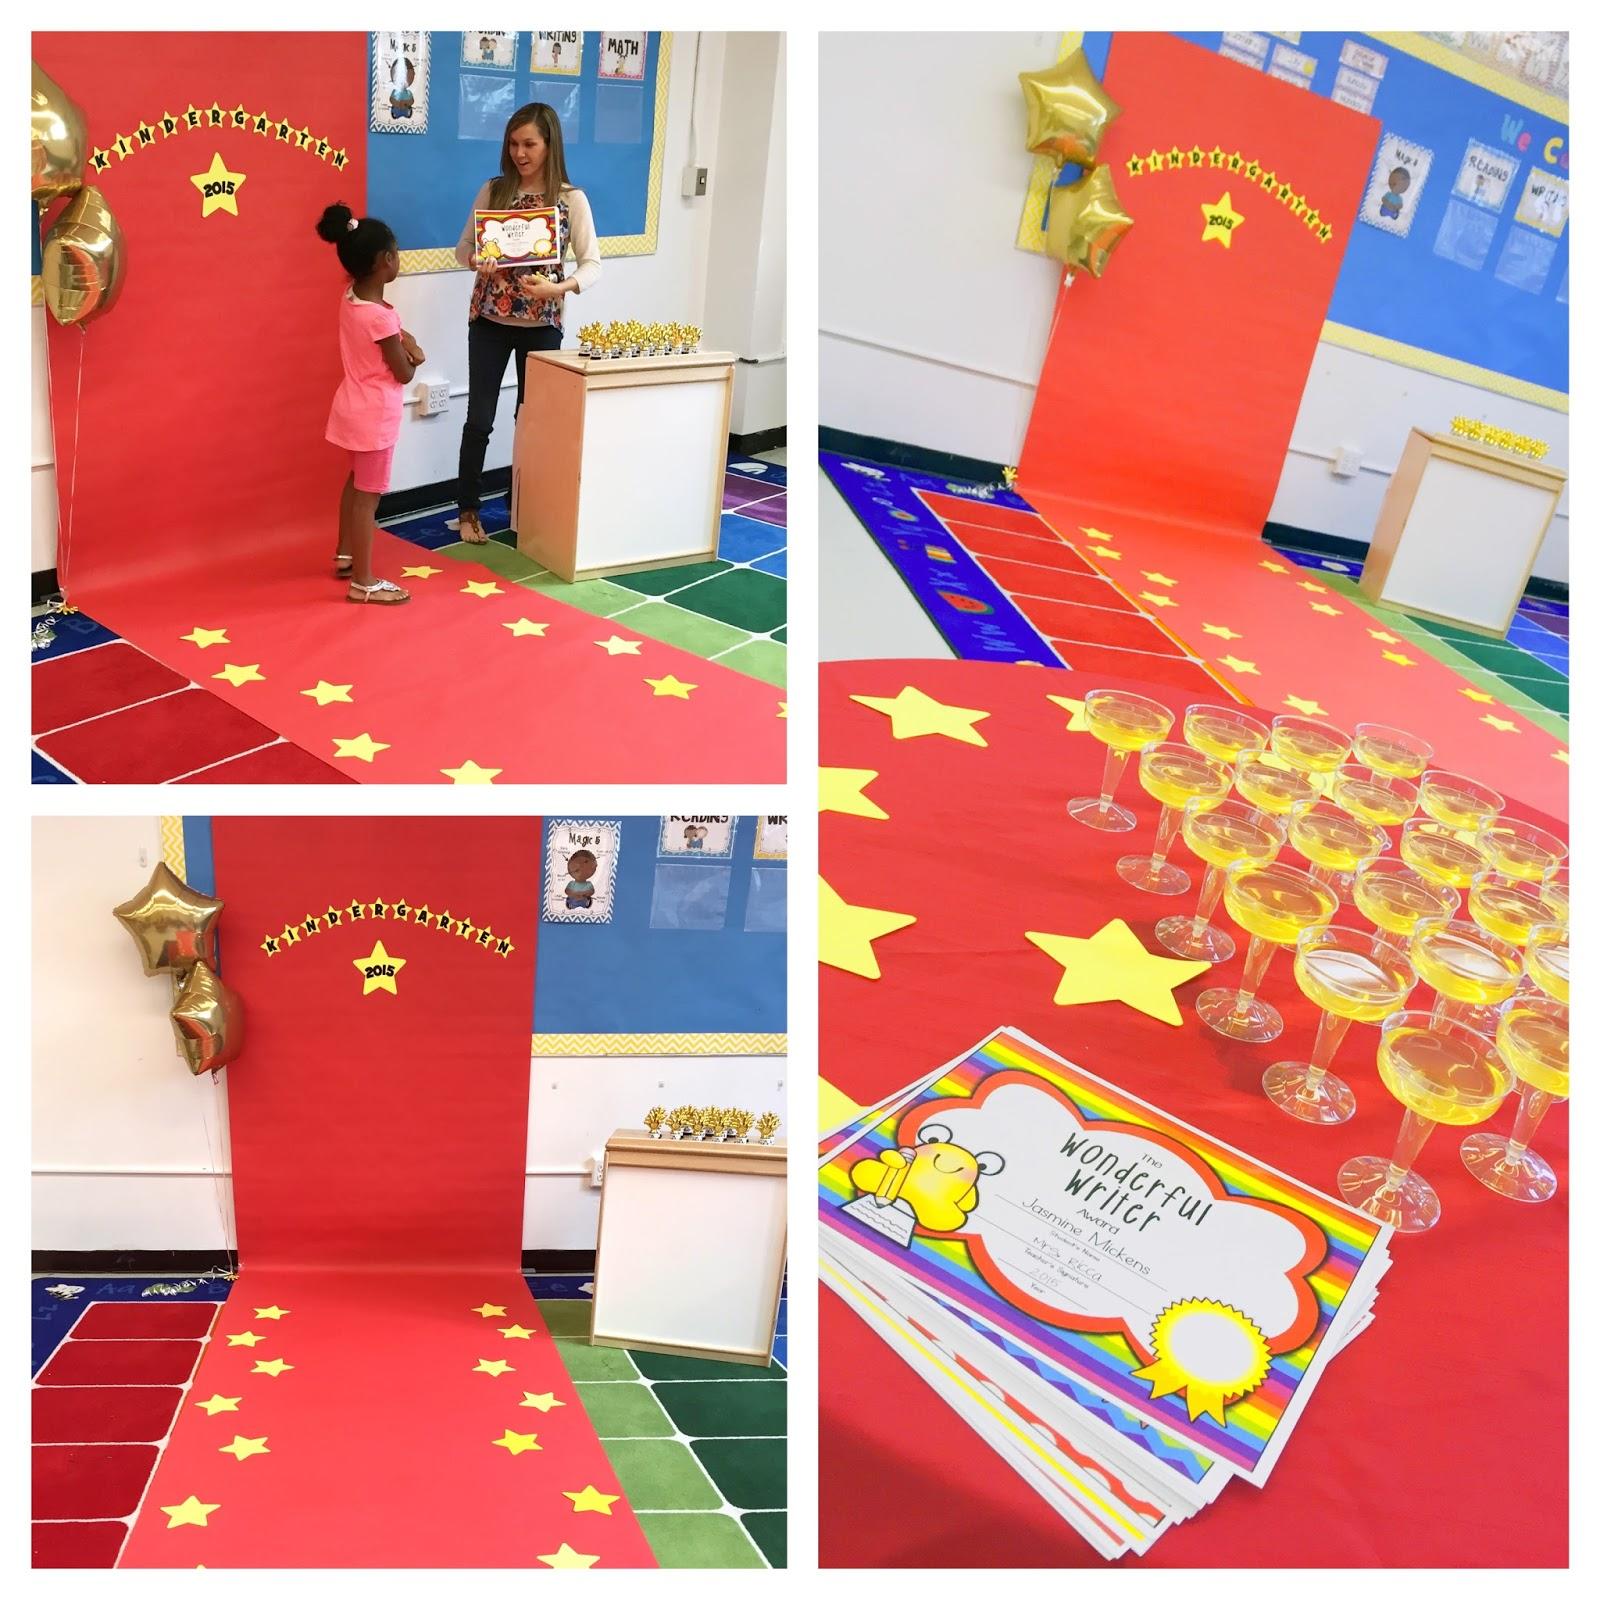 Mrs ricca 39 s kindergarten i 39 m back and i 39 ve got big news - Kindergarten graduation decorations ...